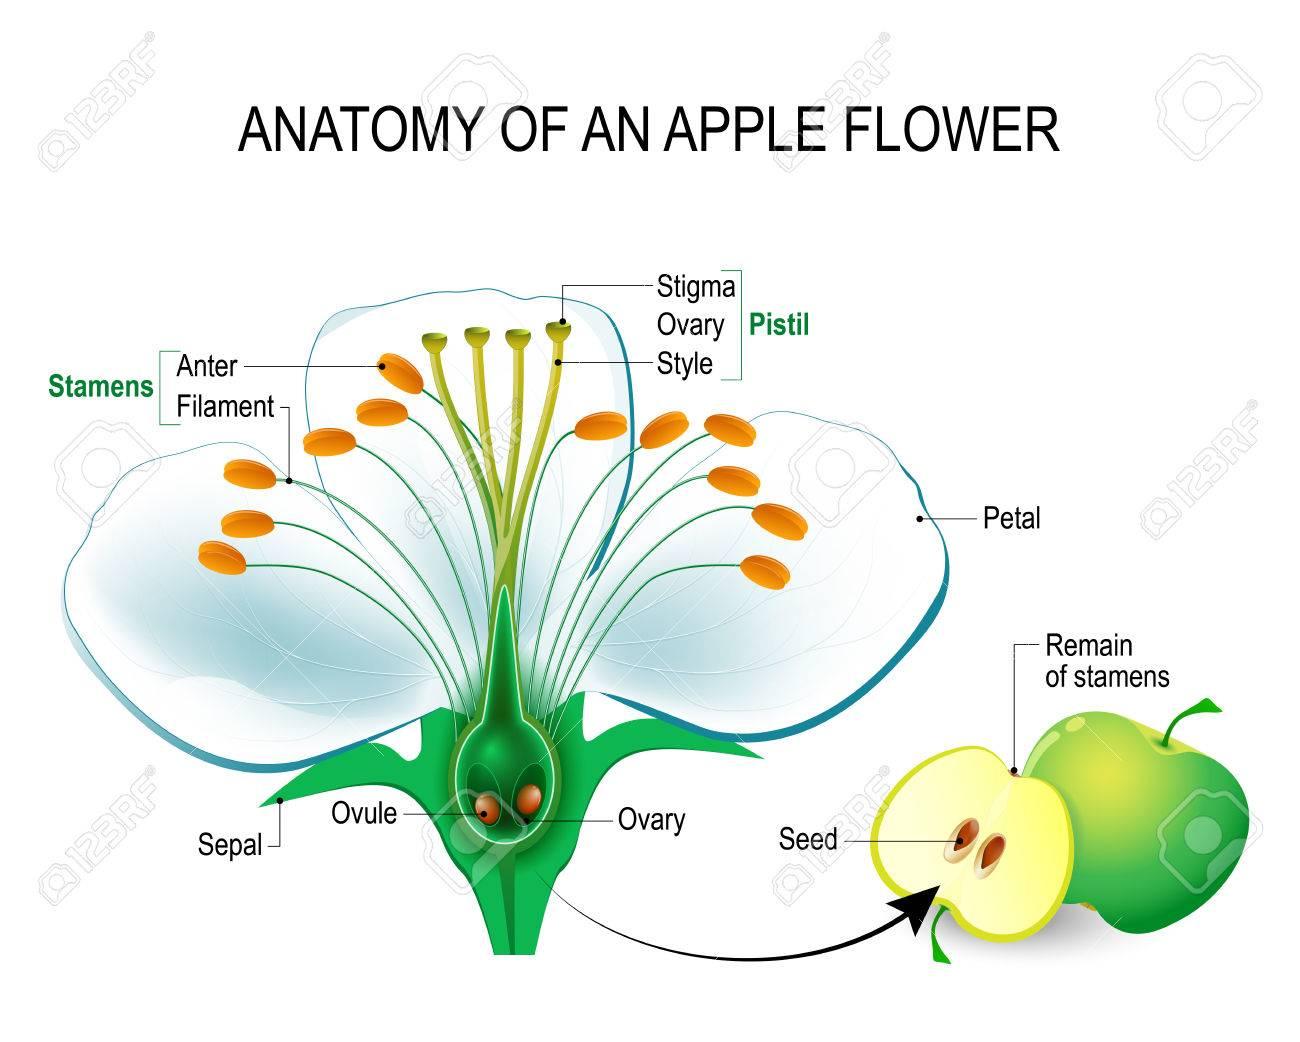 Anatomía De Una Flor De Manzana. Partes De La Flor. Diagrama ...